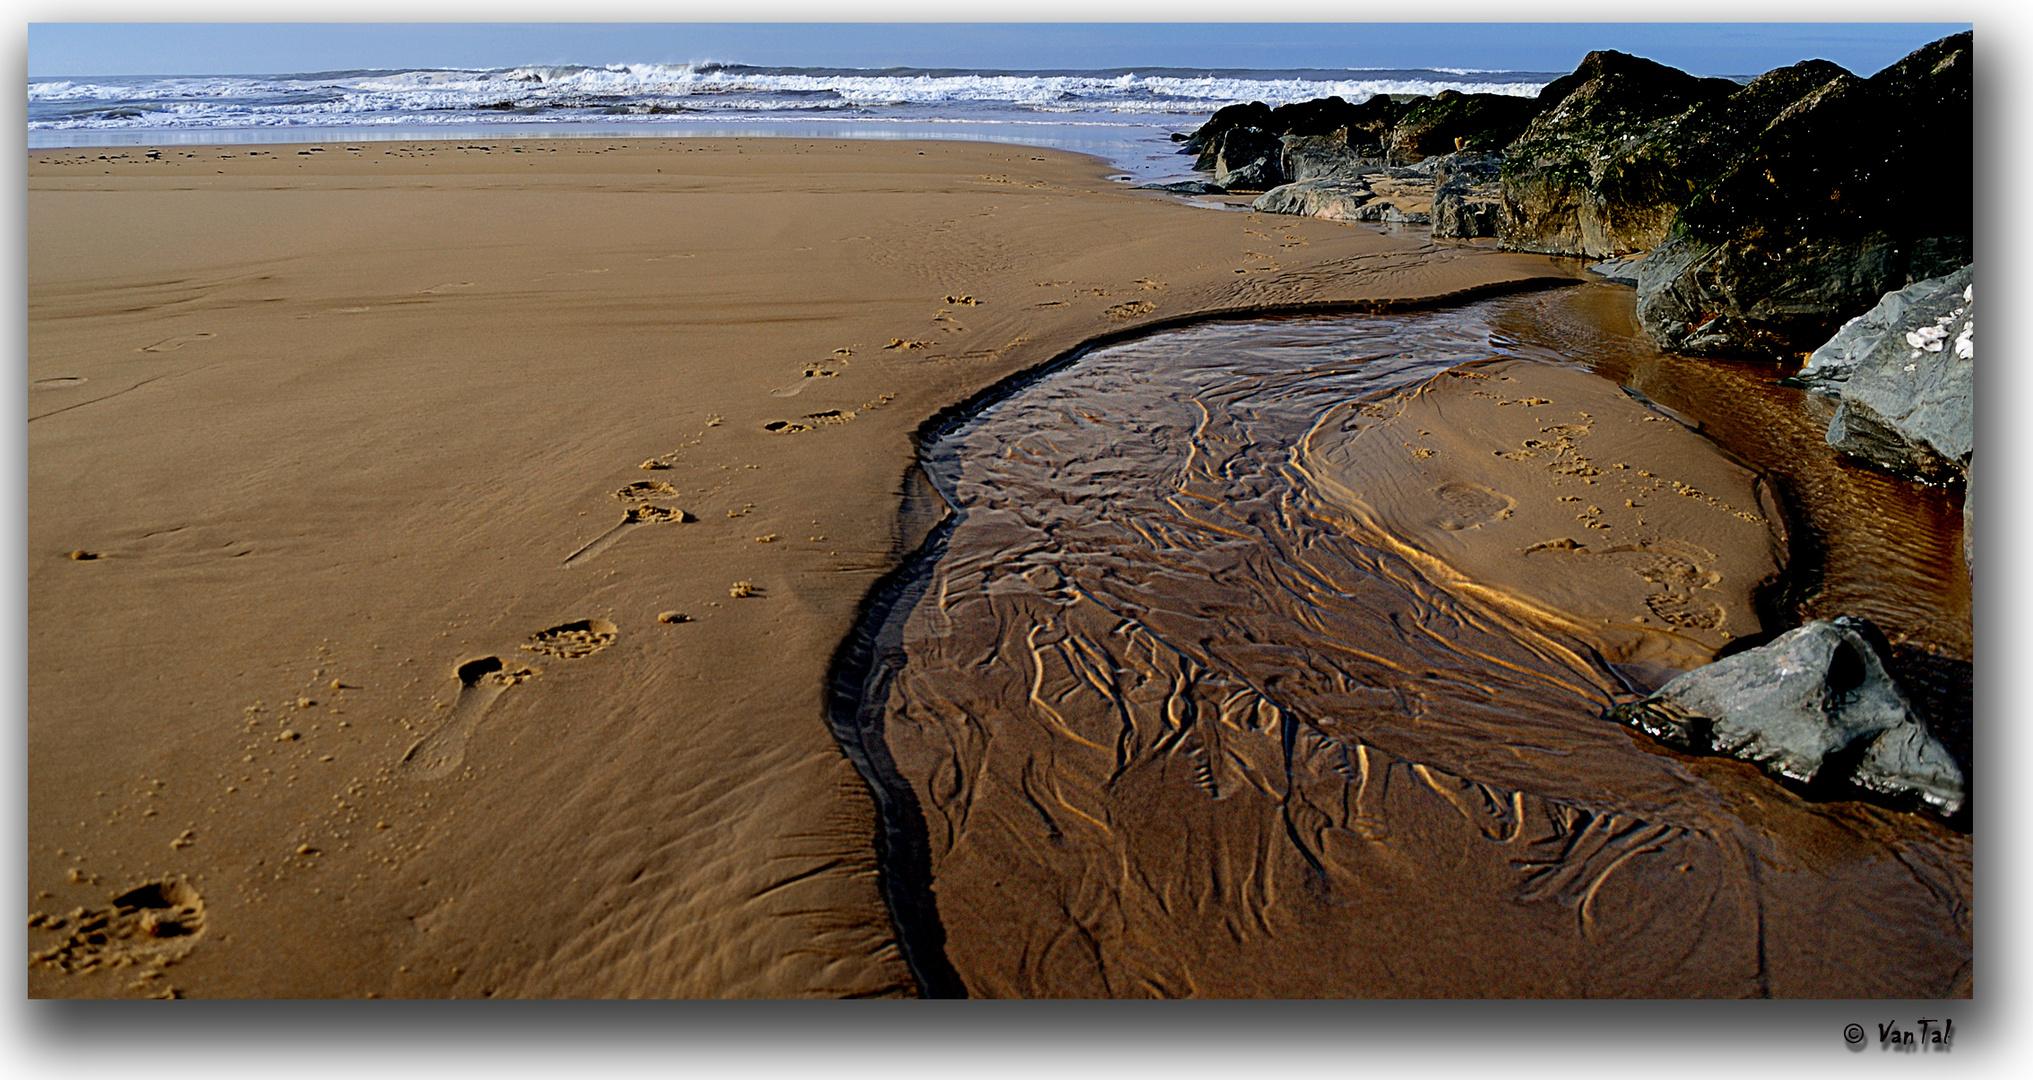 L'Océan est l'enfant du ruisseau. [ Alex Le Gall ]